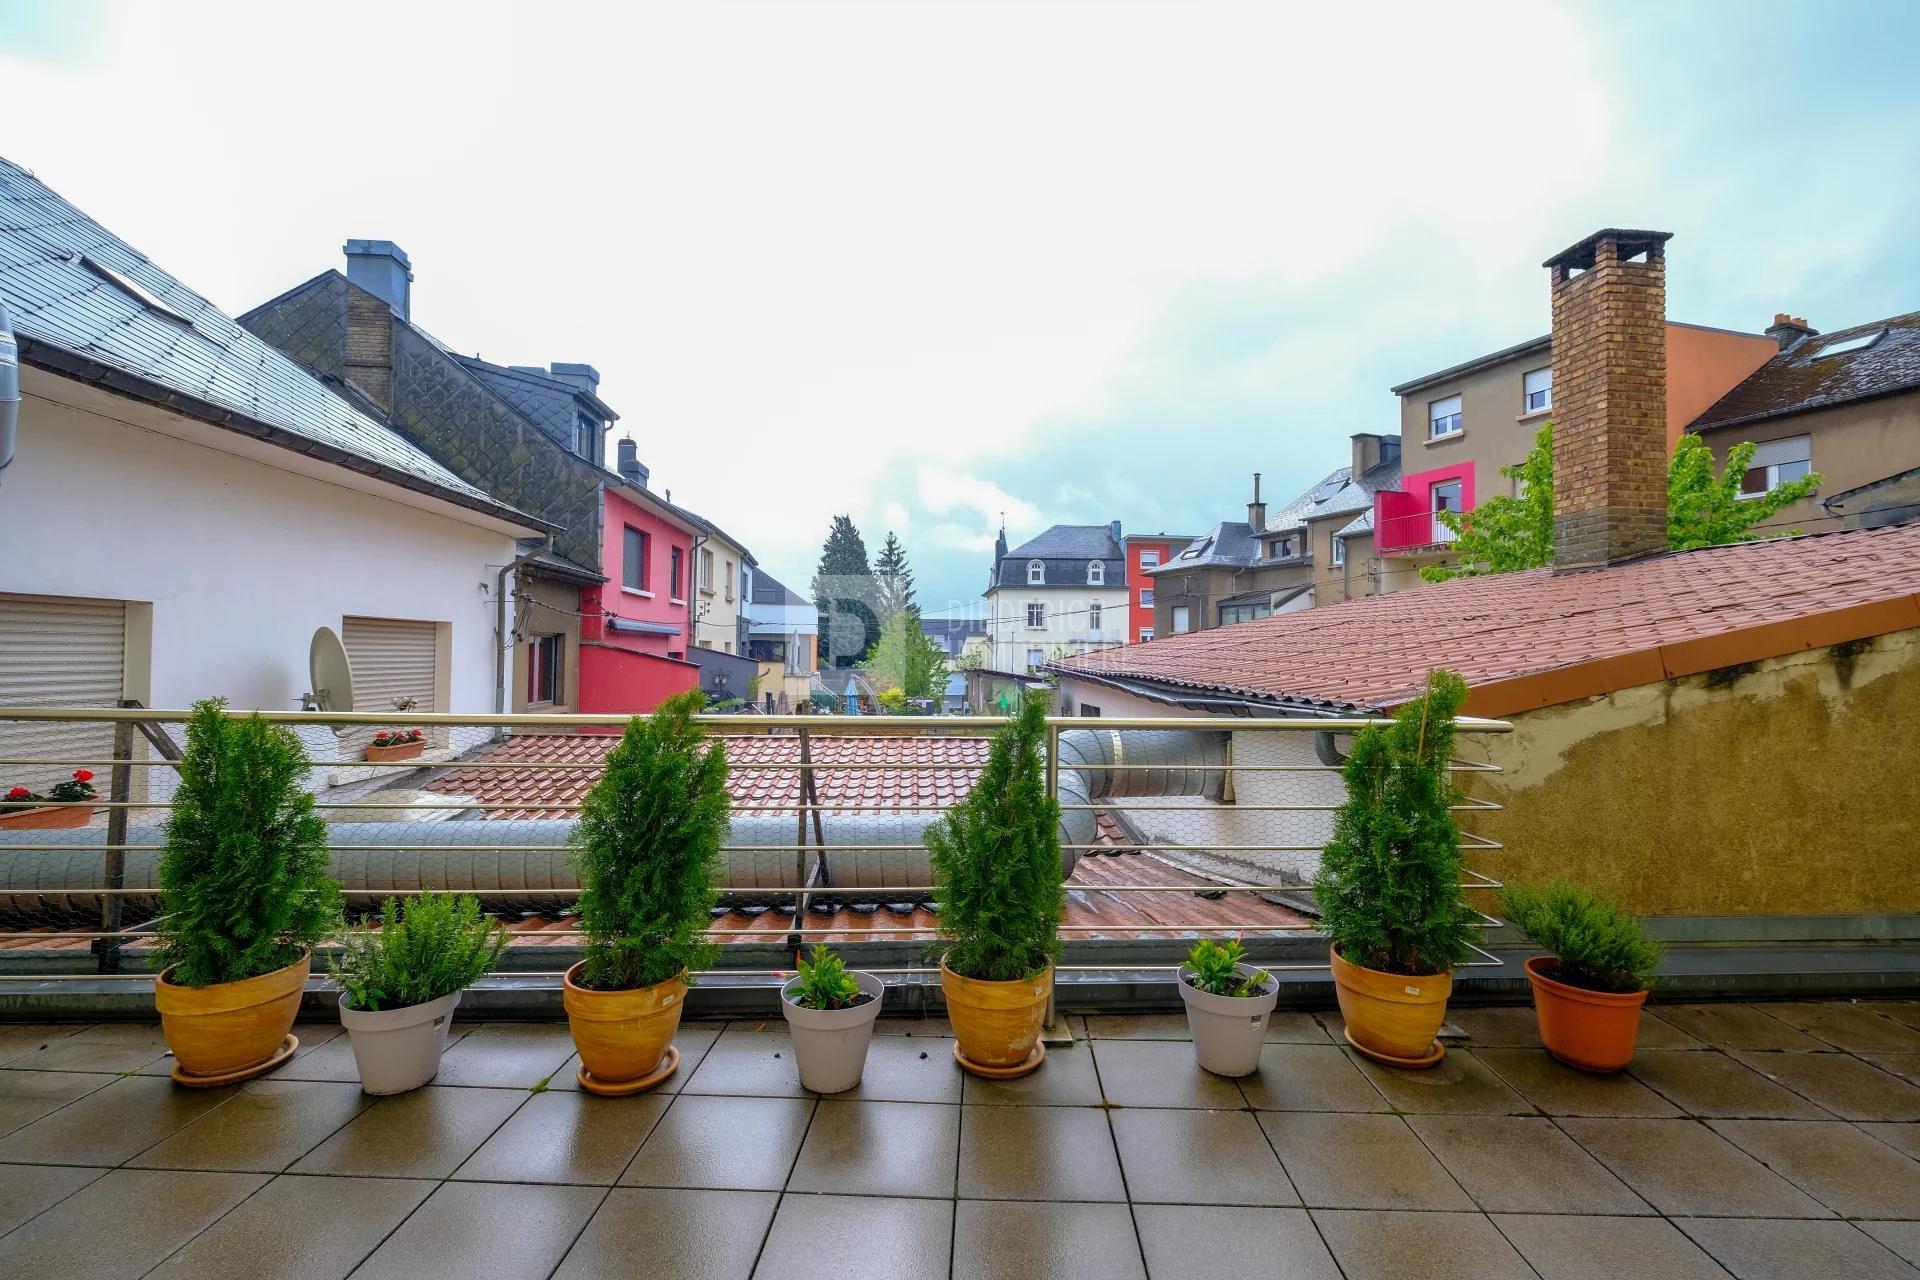 Vente Immeuble - Esch-sur-Alzette - Luxembourg